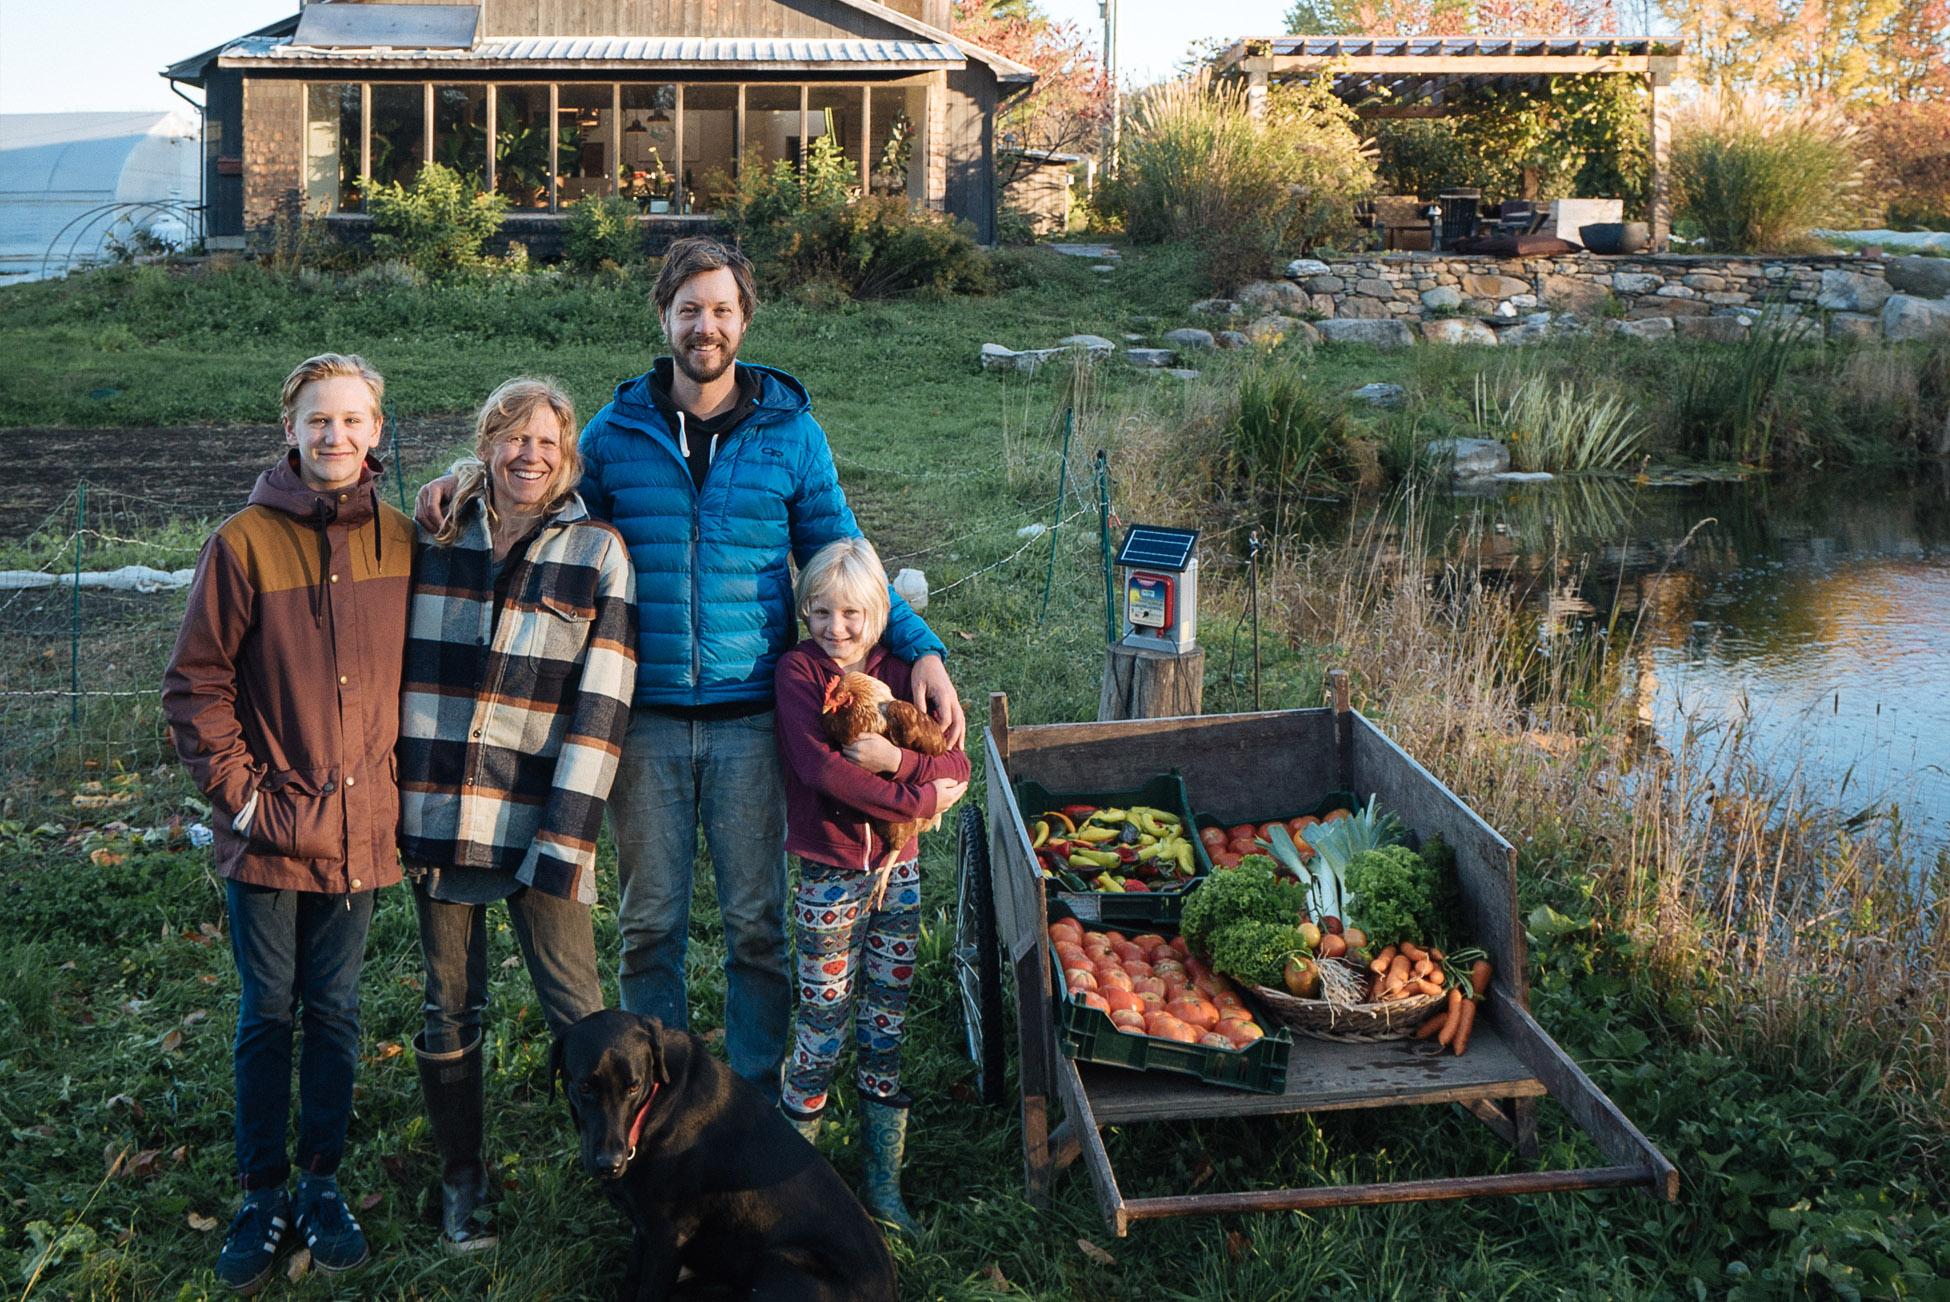 Jean-Martin Fortier, Maude-Hélène Desroches et leurs deux enfants, Forest et Rose aux  Jardins de la grelinette.